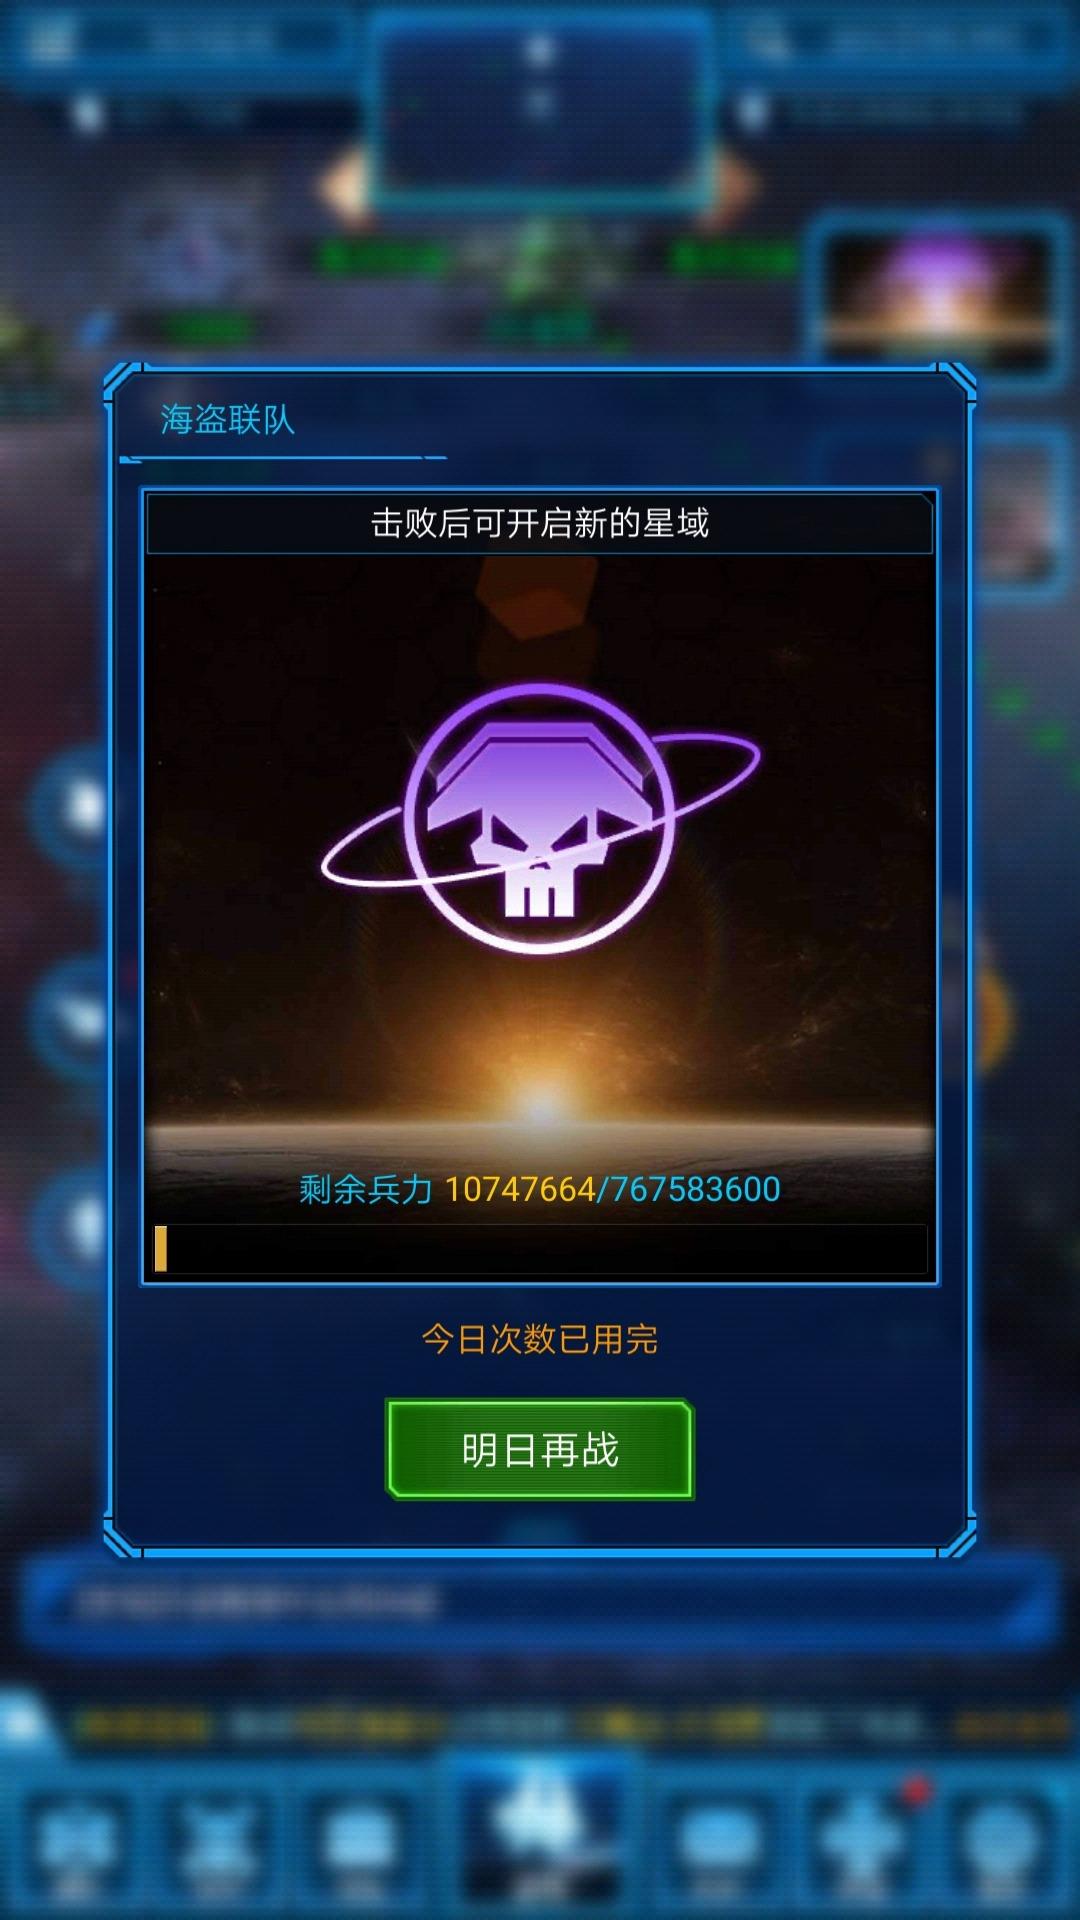 Screenshot_20180917-014935.jpg